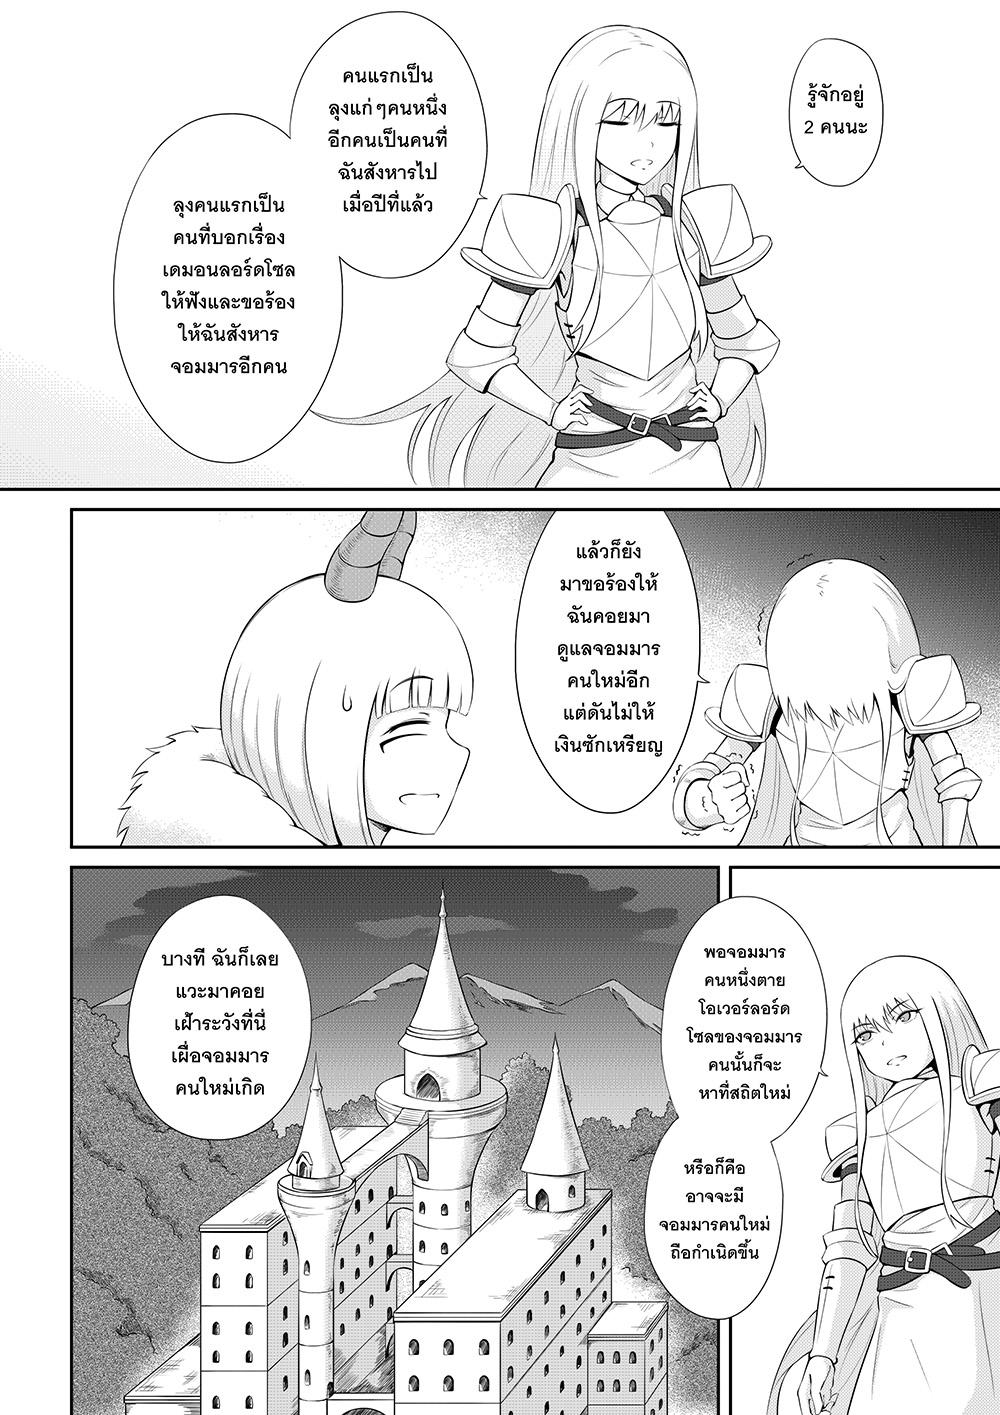 อ่านการ์ตูน LUNA The New Demonlord ตอนที่ 1 หน้า 25